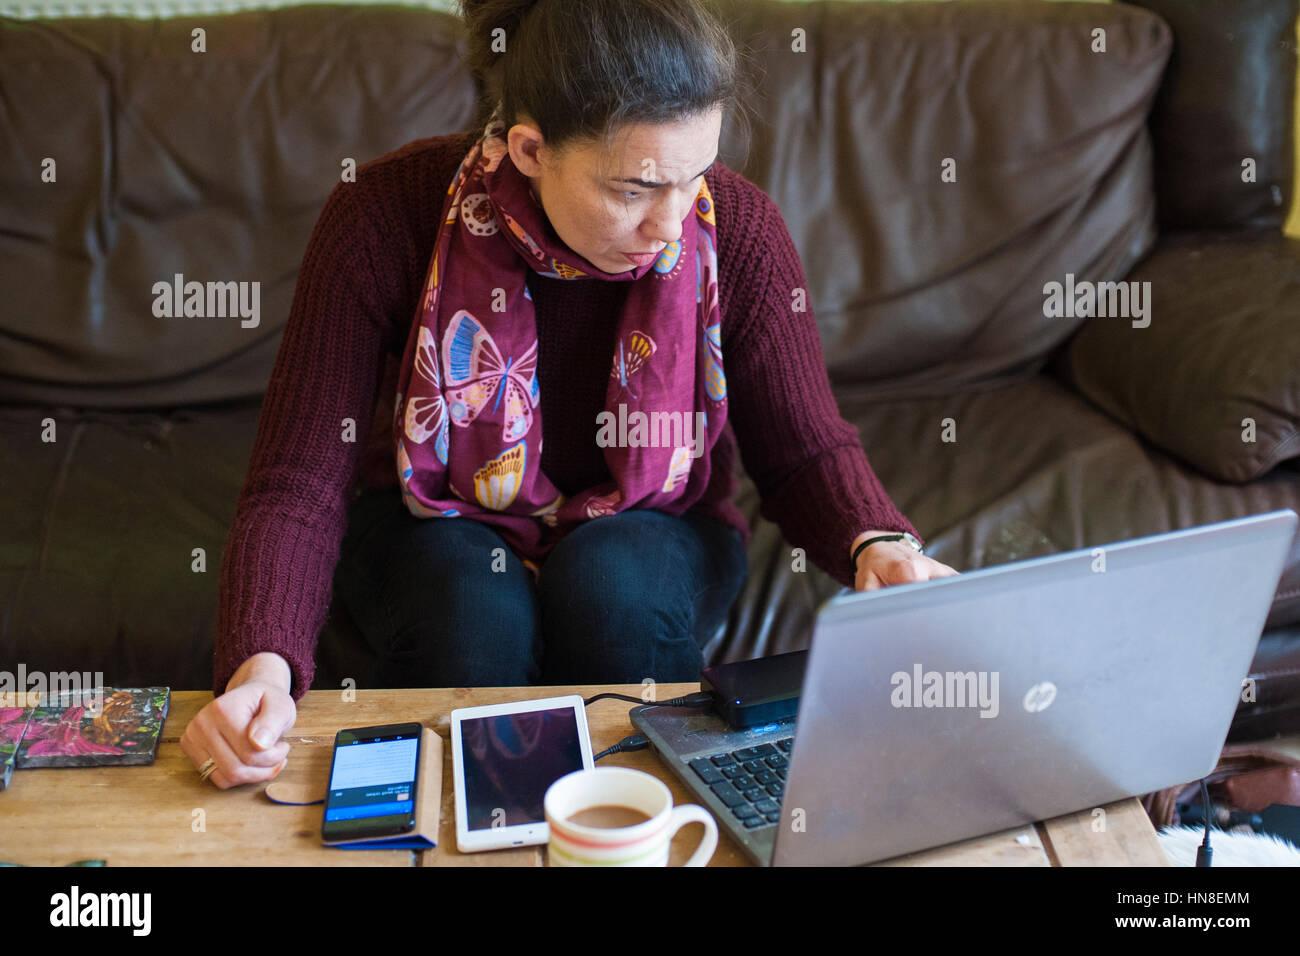 Trabajar desde casa. Una mujer de treinta años trabajando desde casa con un ordenador portátil, teléfono Imagen De Stock